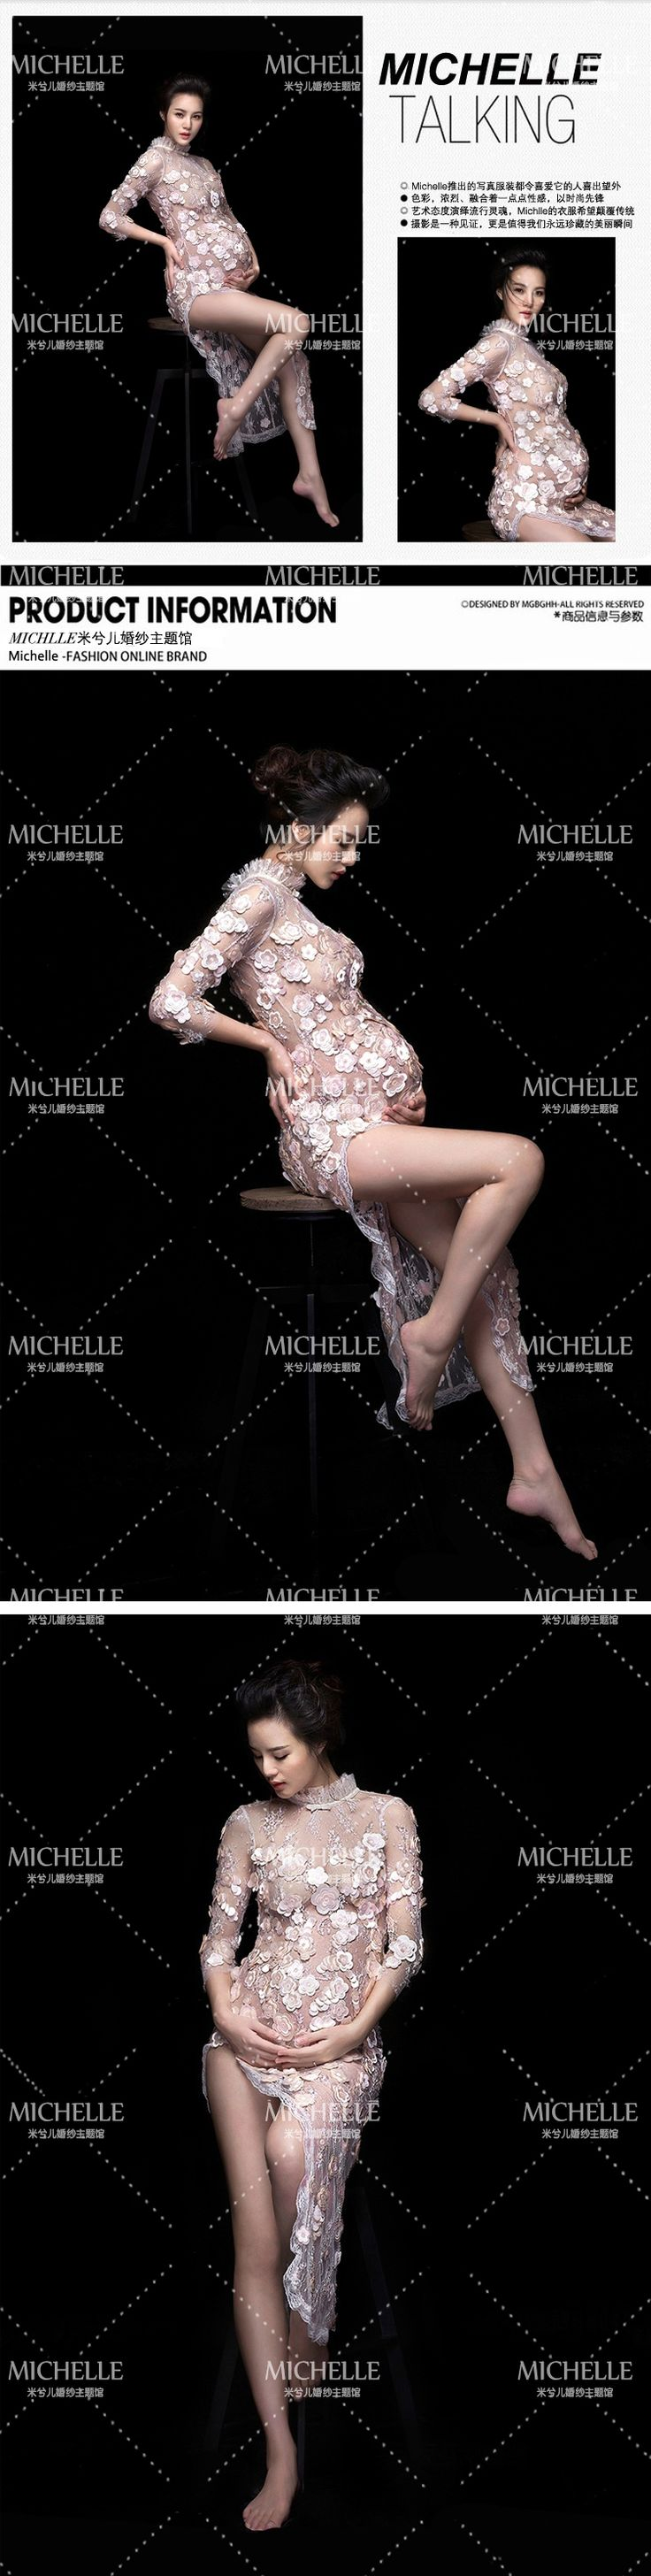 Новые 2015 беременных женщин студия фото платье для беременных костюмы одежды беременности фотографии реквизит беременным платье купить на AliExpress